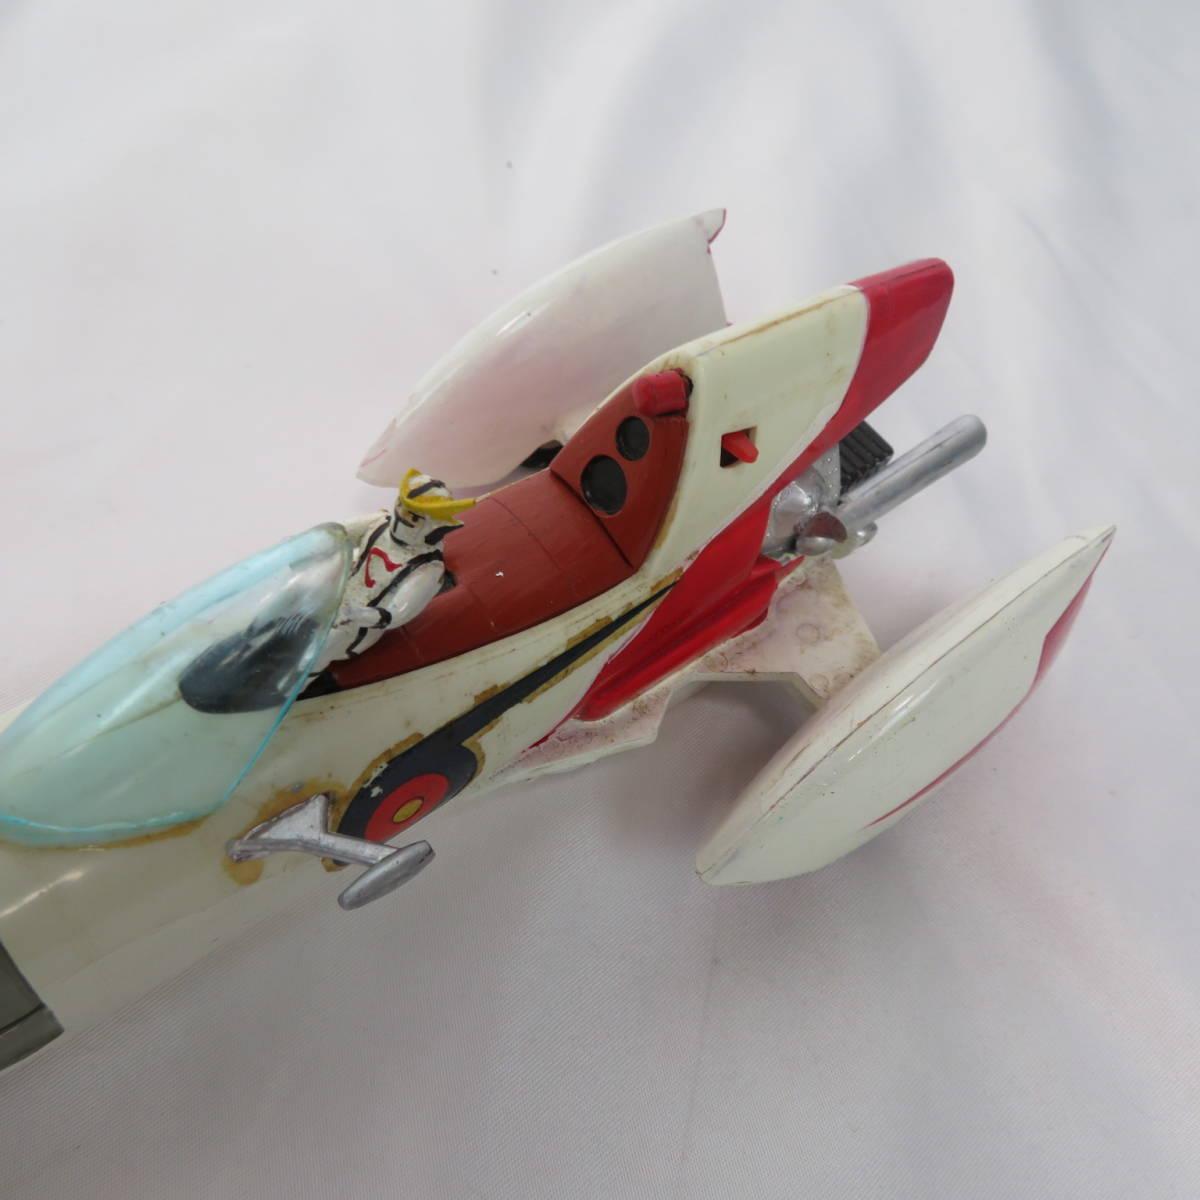 【レトロおもちゃ】タツノコプロ フレンダーカー タツノコランド 新造人間キャシャーン 1973 ジャンク品 _画像2